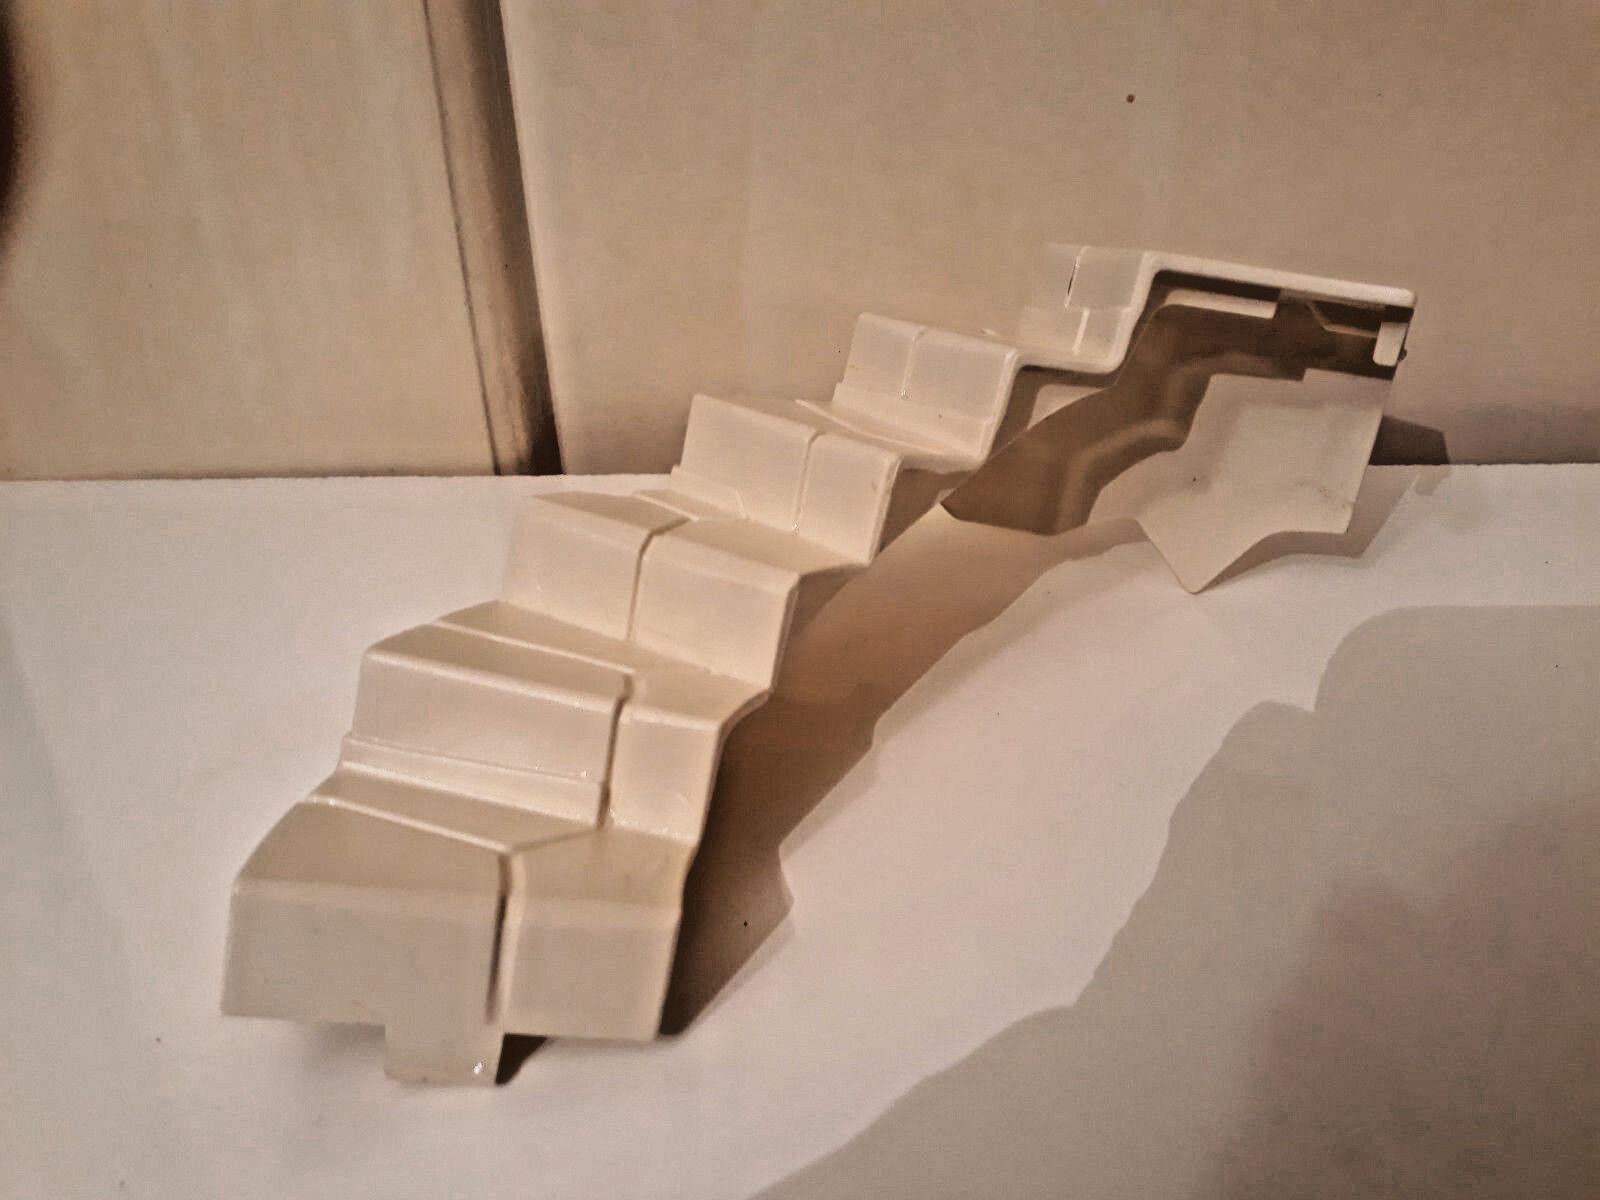 Playmobil 4294 escalera de de de piedra escalera pieza de repuesto nº 30456090 22d7df